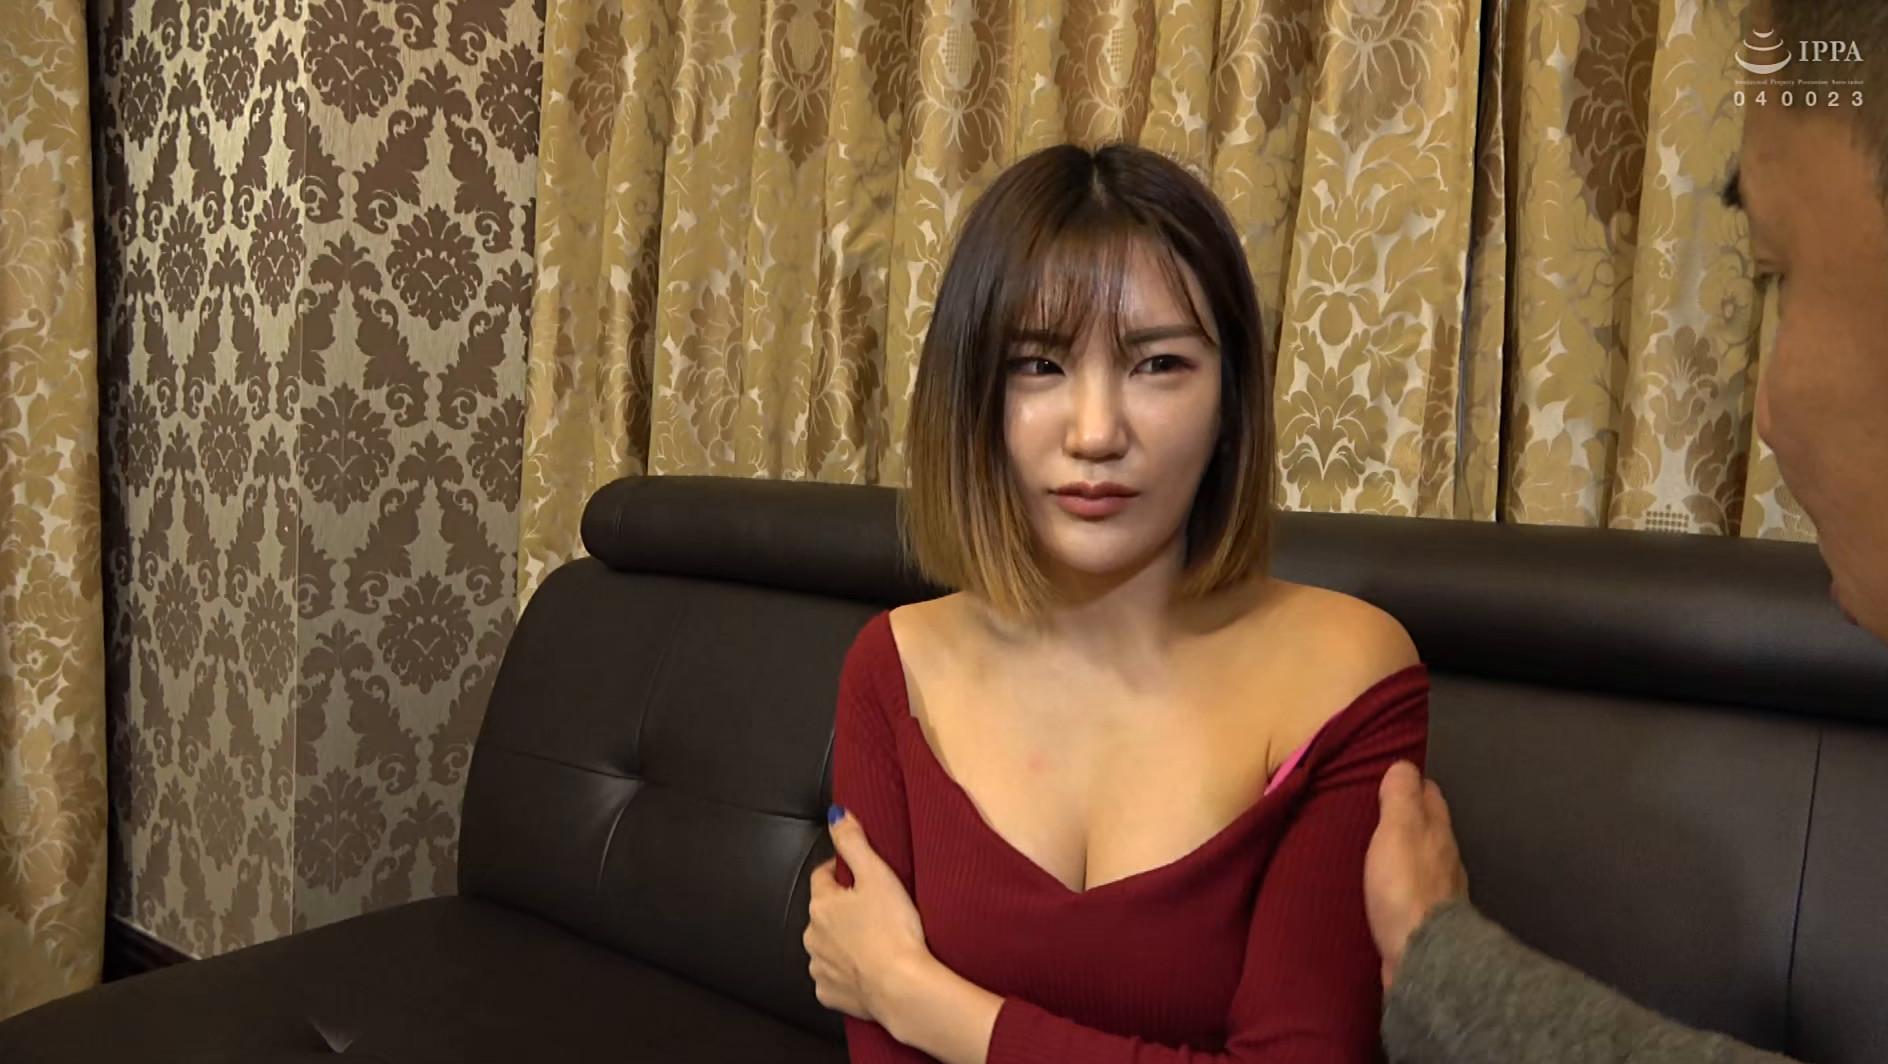 まるで設定6のスロットみたい!韓国で遭遇したヤリマン美女!セックスが好き過ぎて日本人のペニスに興味津々!圧倒的な美脚騎乗位でザー汁を絞り出されてスッキリ! 画像1